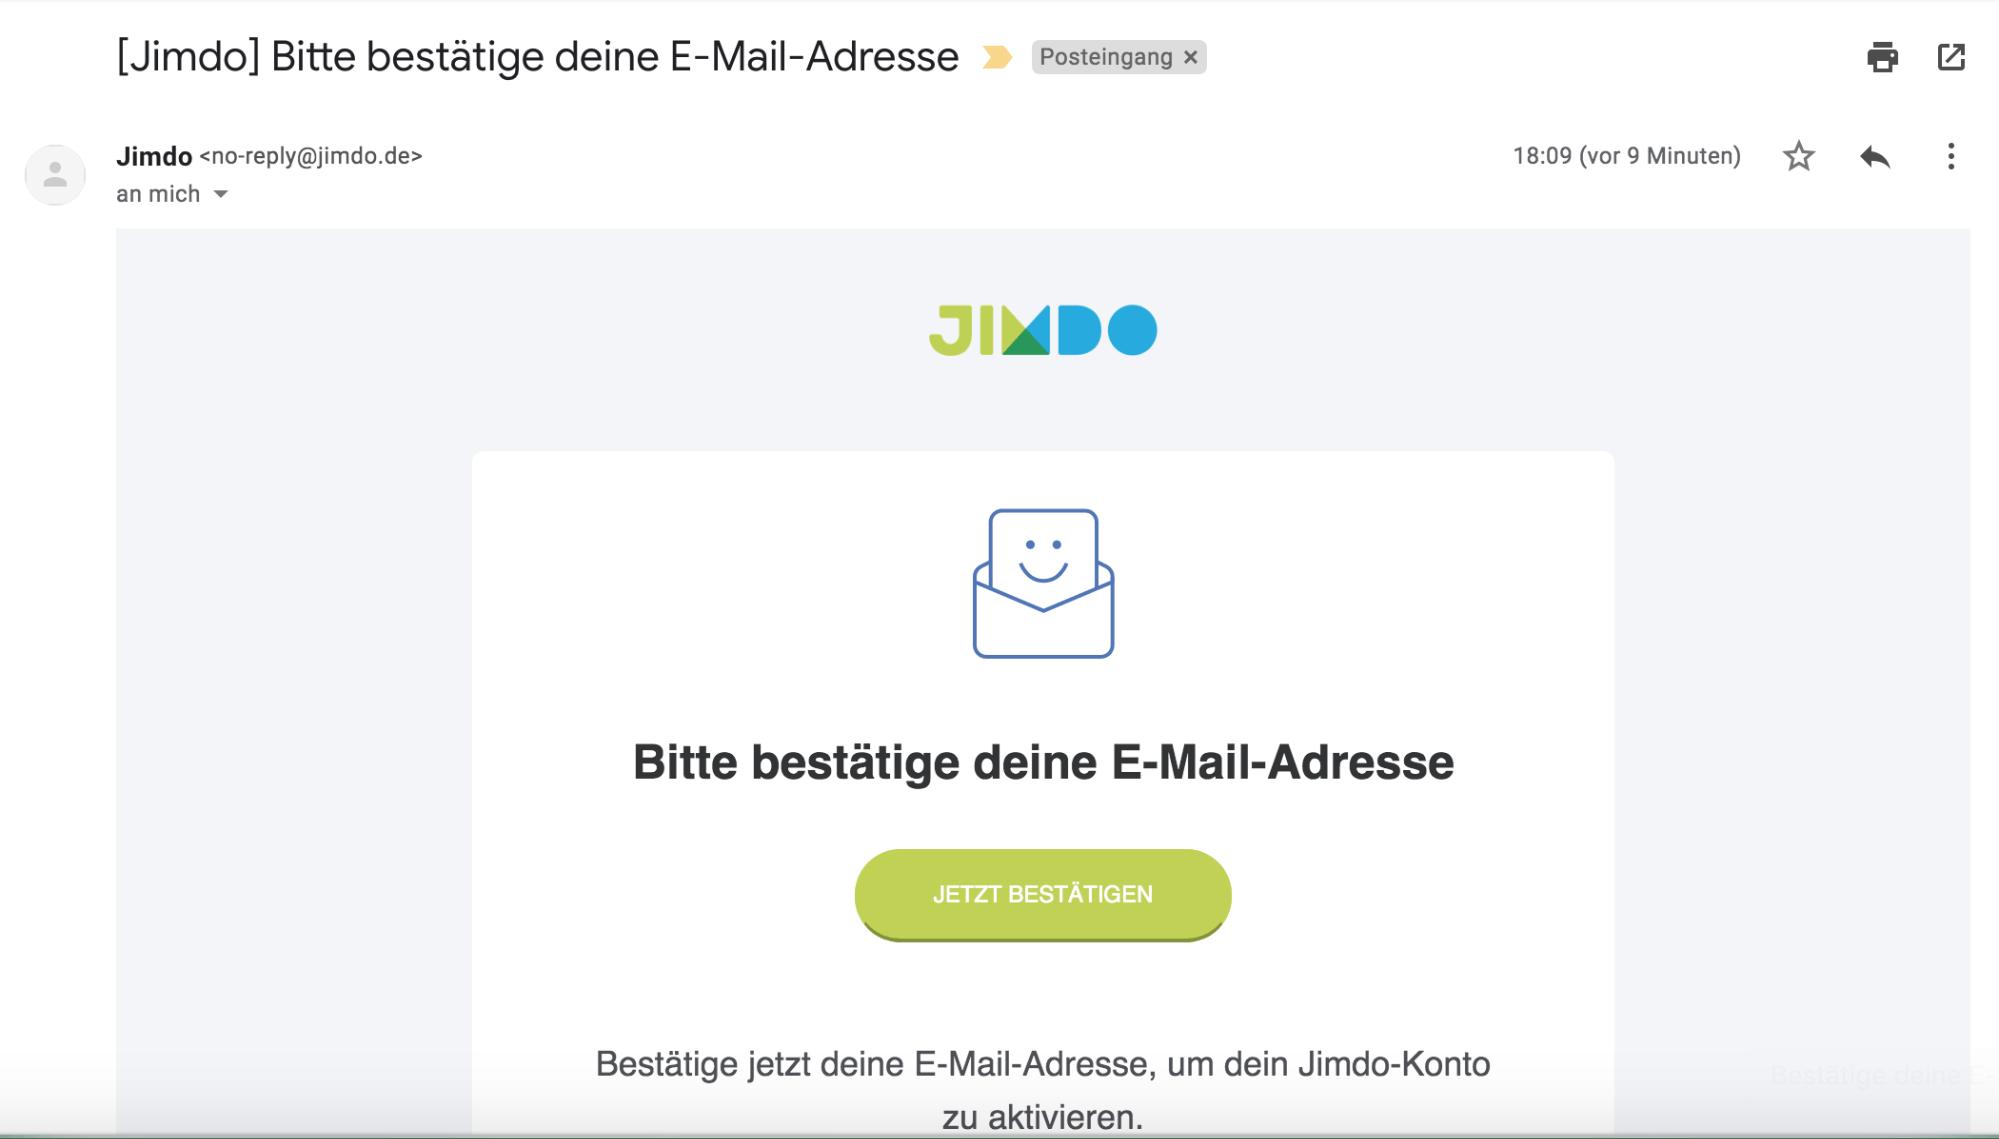 Kostenlose Website erstellen mit Jimdo - Schritt 1.2: E-Mail bestätigen